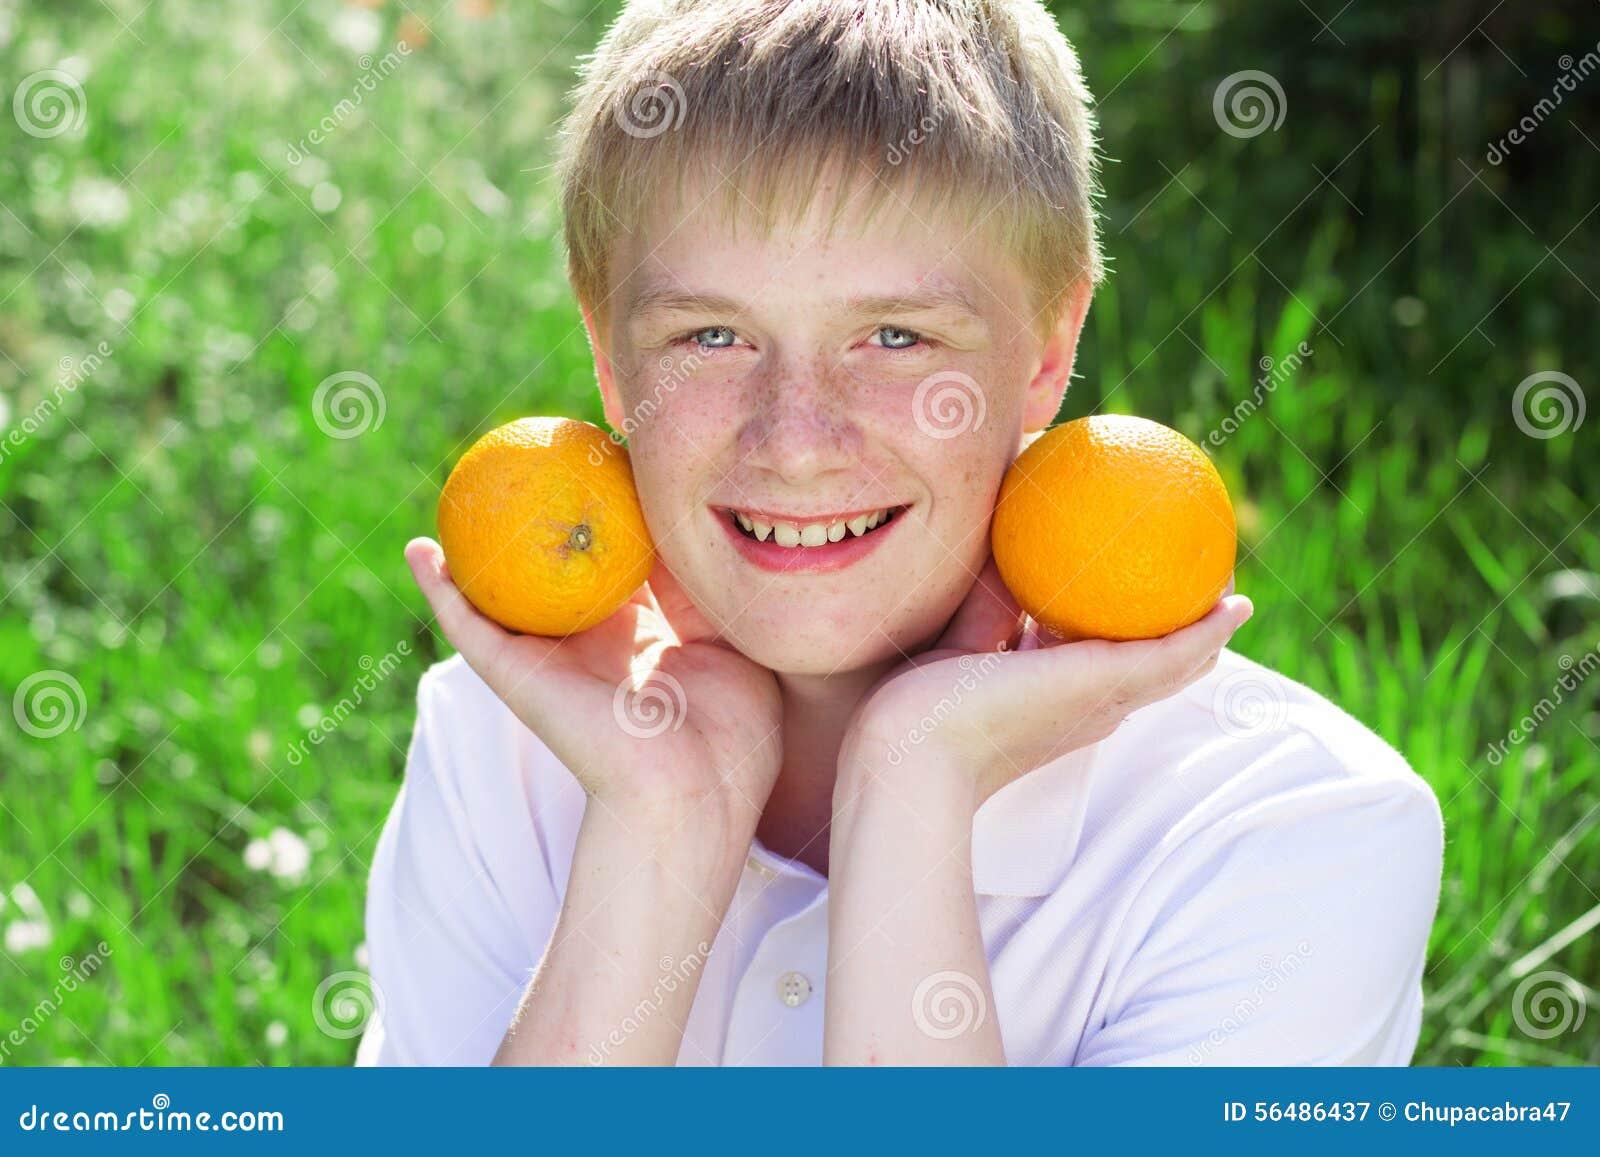 Le garçon d adolescent tient deux oranges